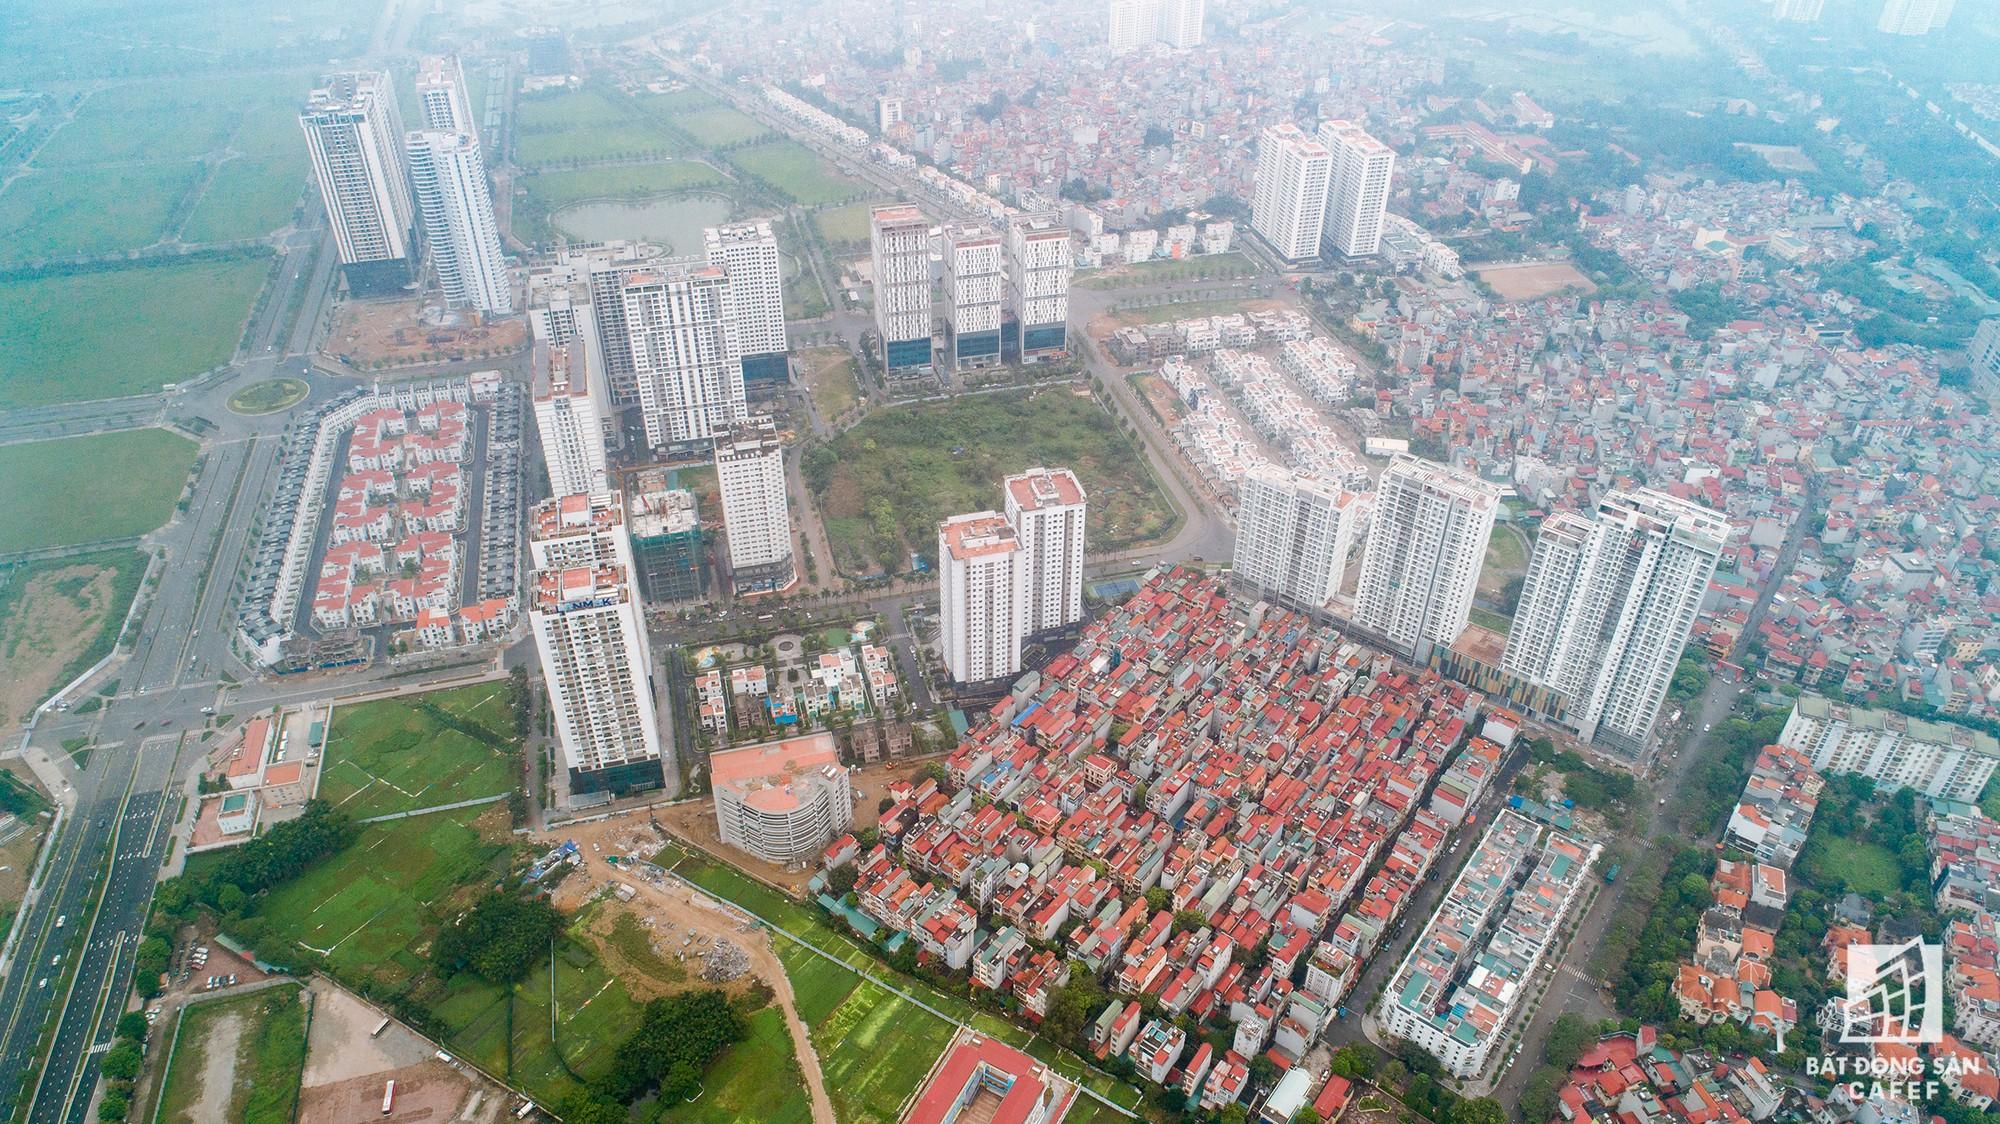 Cận cảnh hàng loạt dự án cao ốc dọc trục đường 8 làn xe tại trung tâm Hà Nội - Ảnh 7.